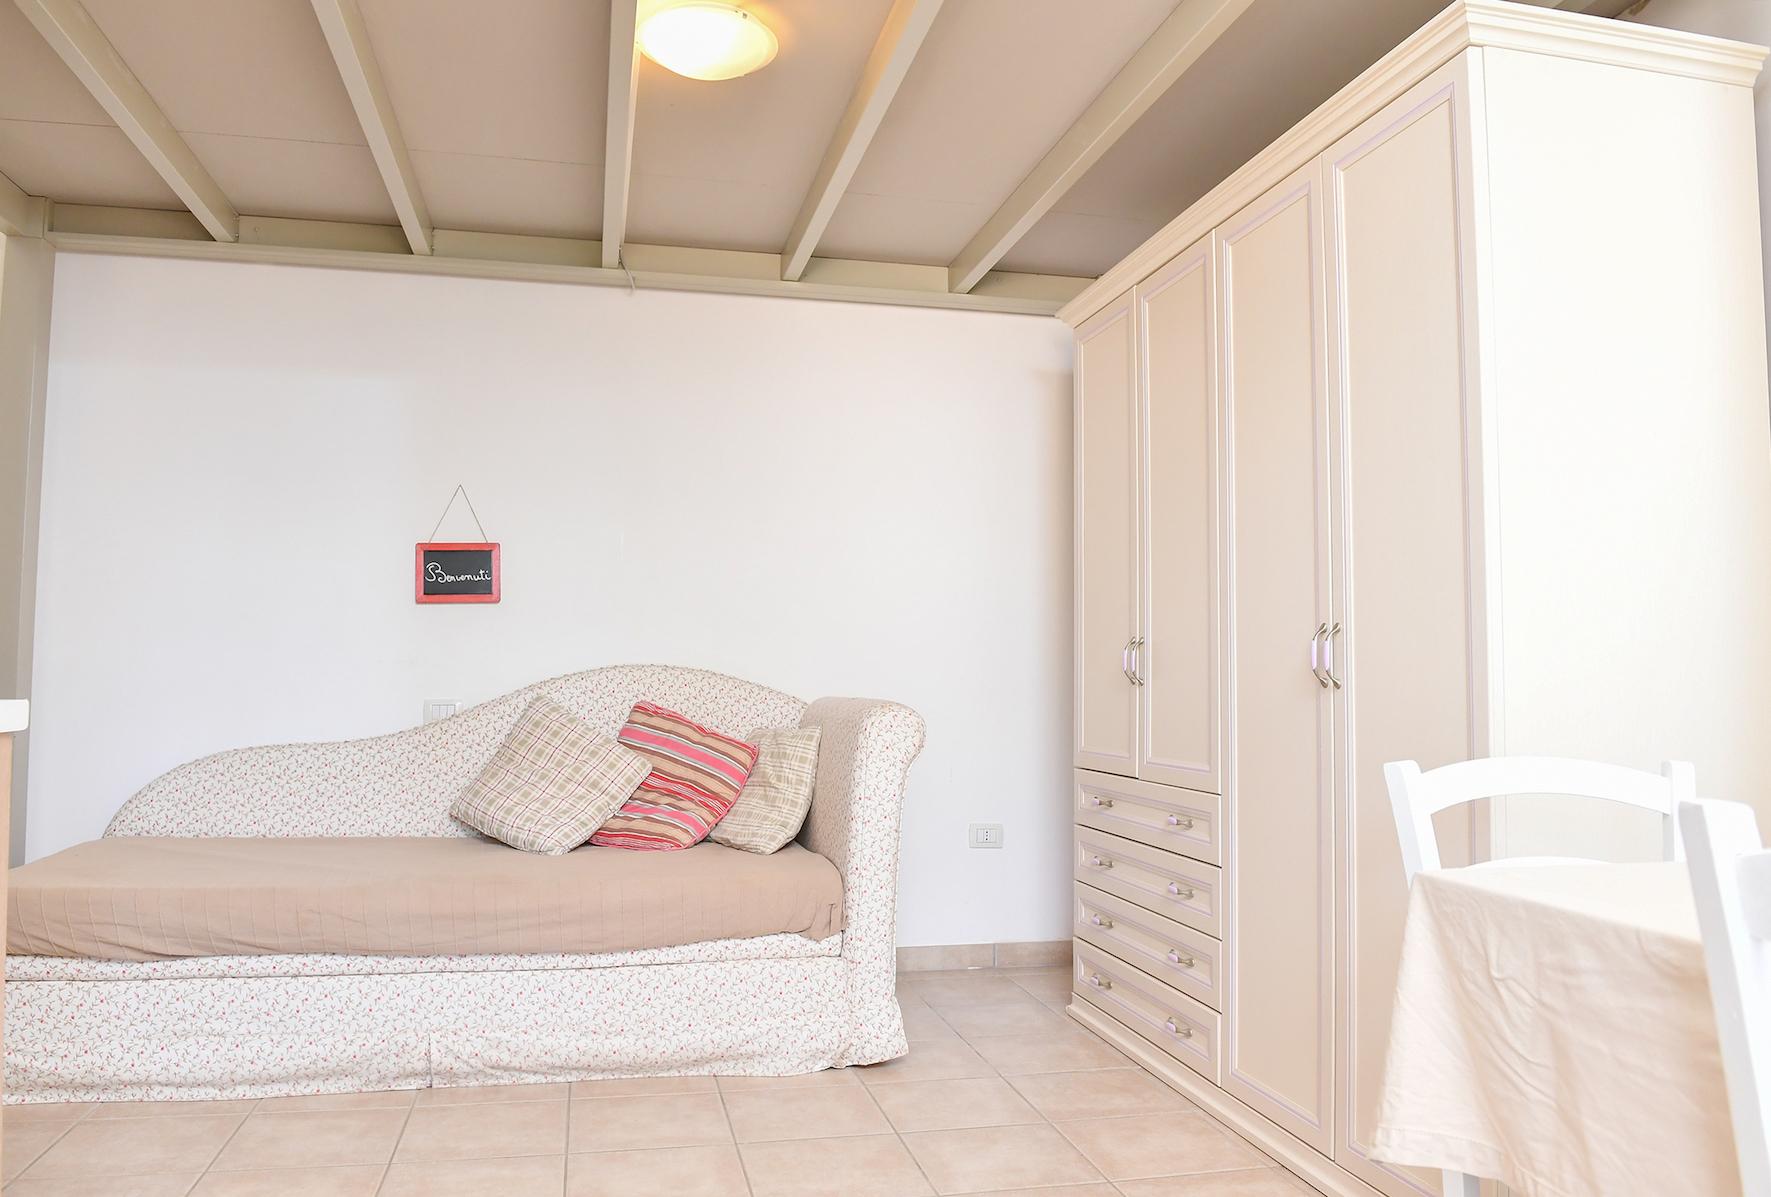 Lecce 8 - Wohnzimmer